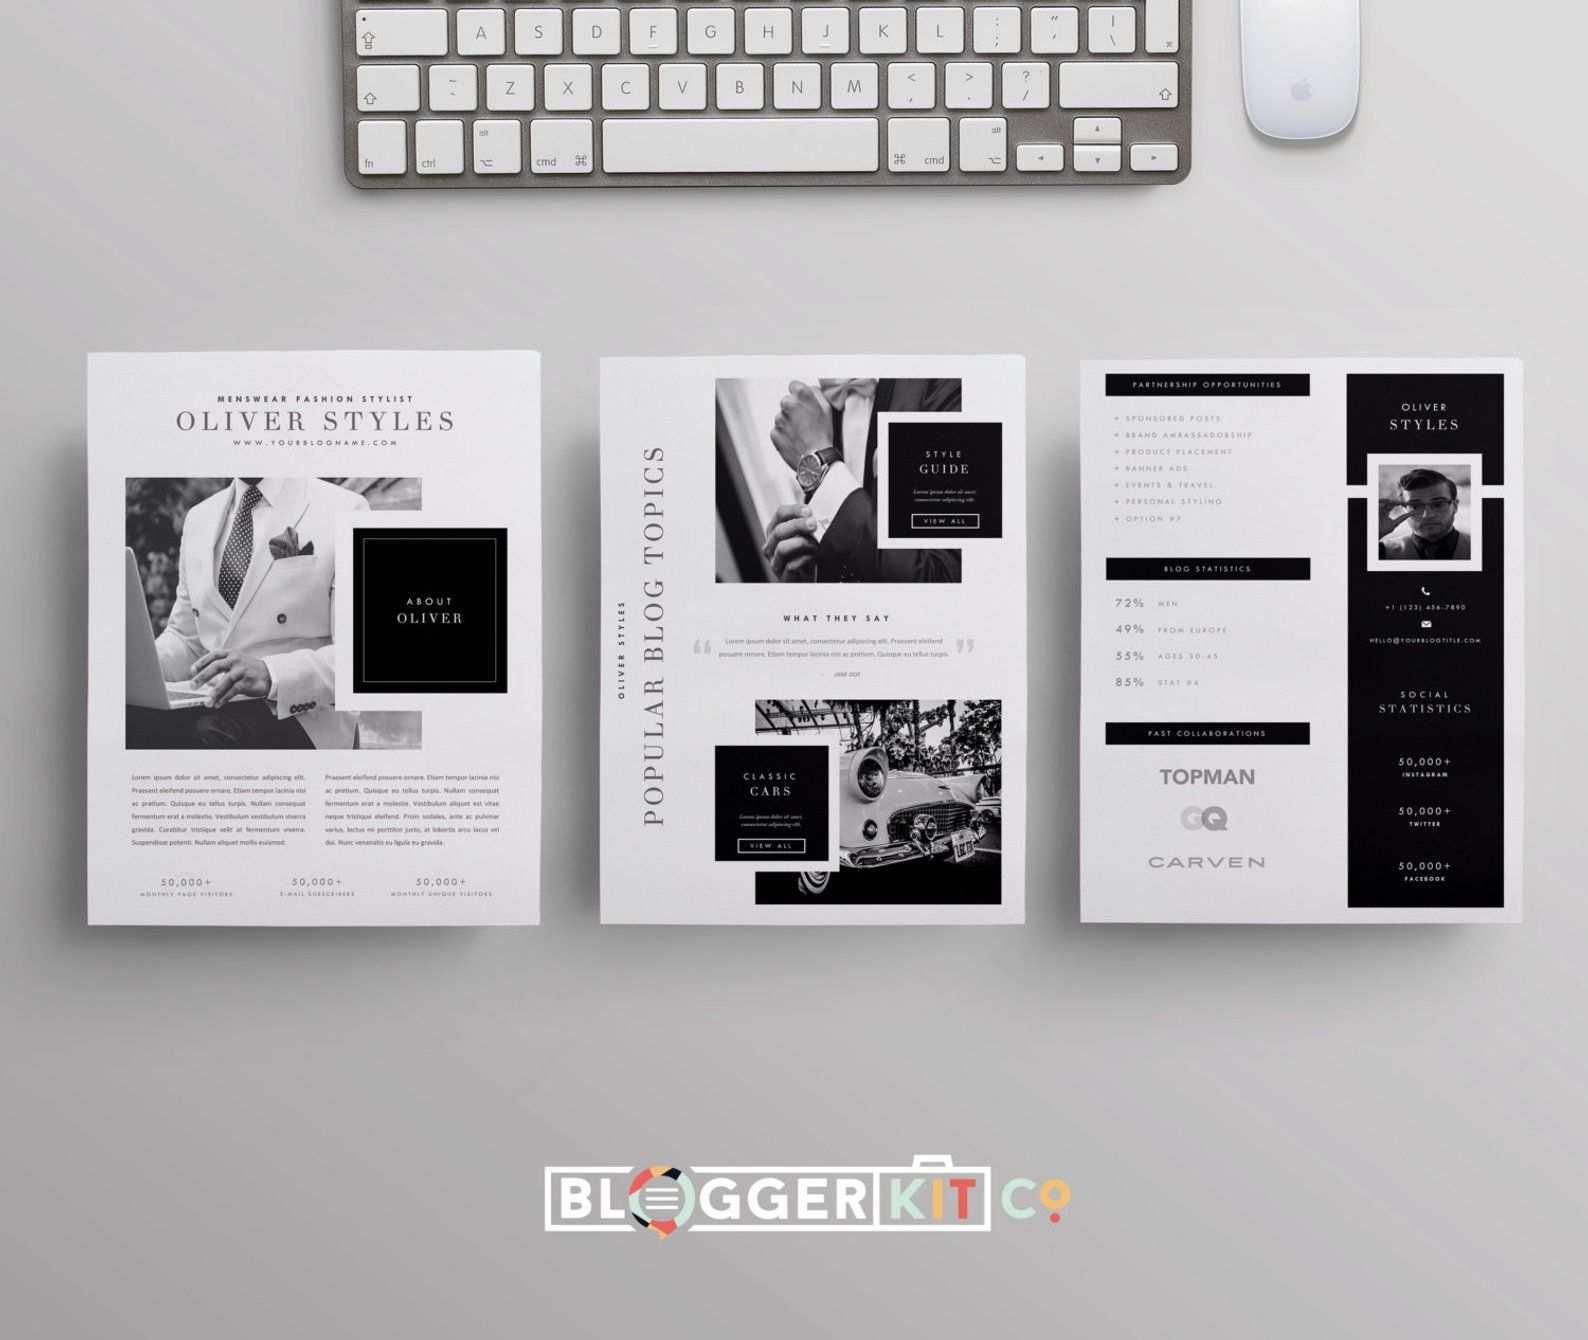 Drei Seiten Media Kit Vorlage Drucken Sie Kit Vorlage Etsy Media Kit Template Blogger Media Kit Template Blogger Media Kit